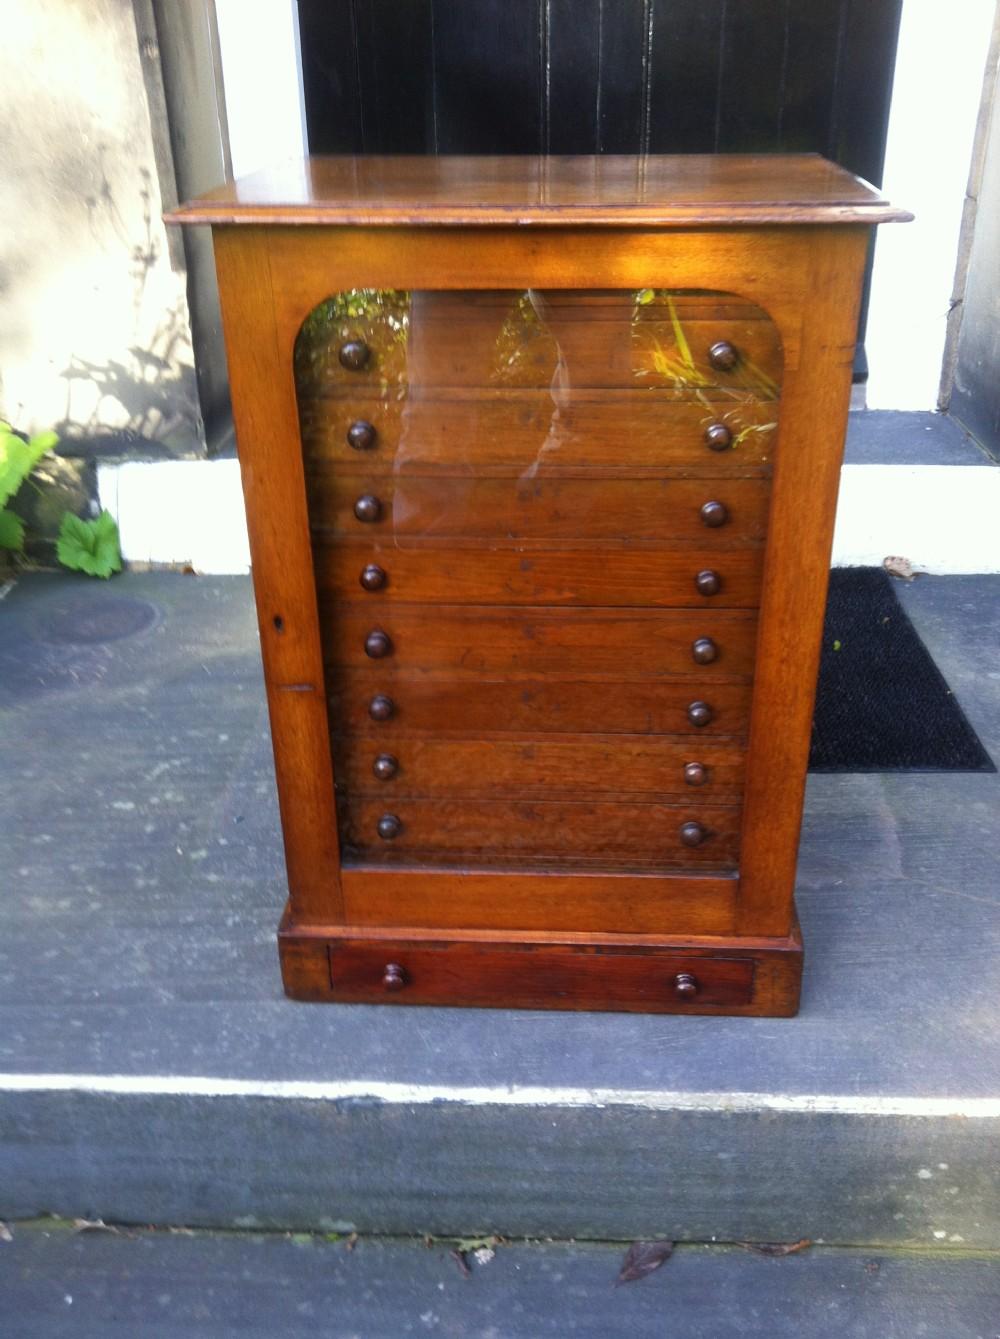 antique collectors chest specimen cabinet - Antique Collectors Chest Specimen Cabinet 246896 Sellingantiques